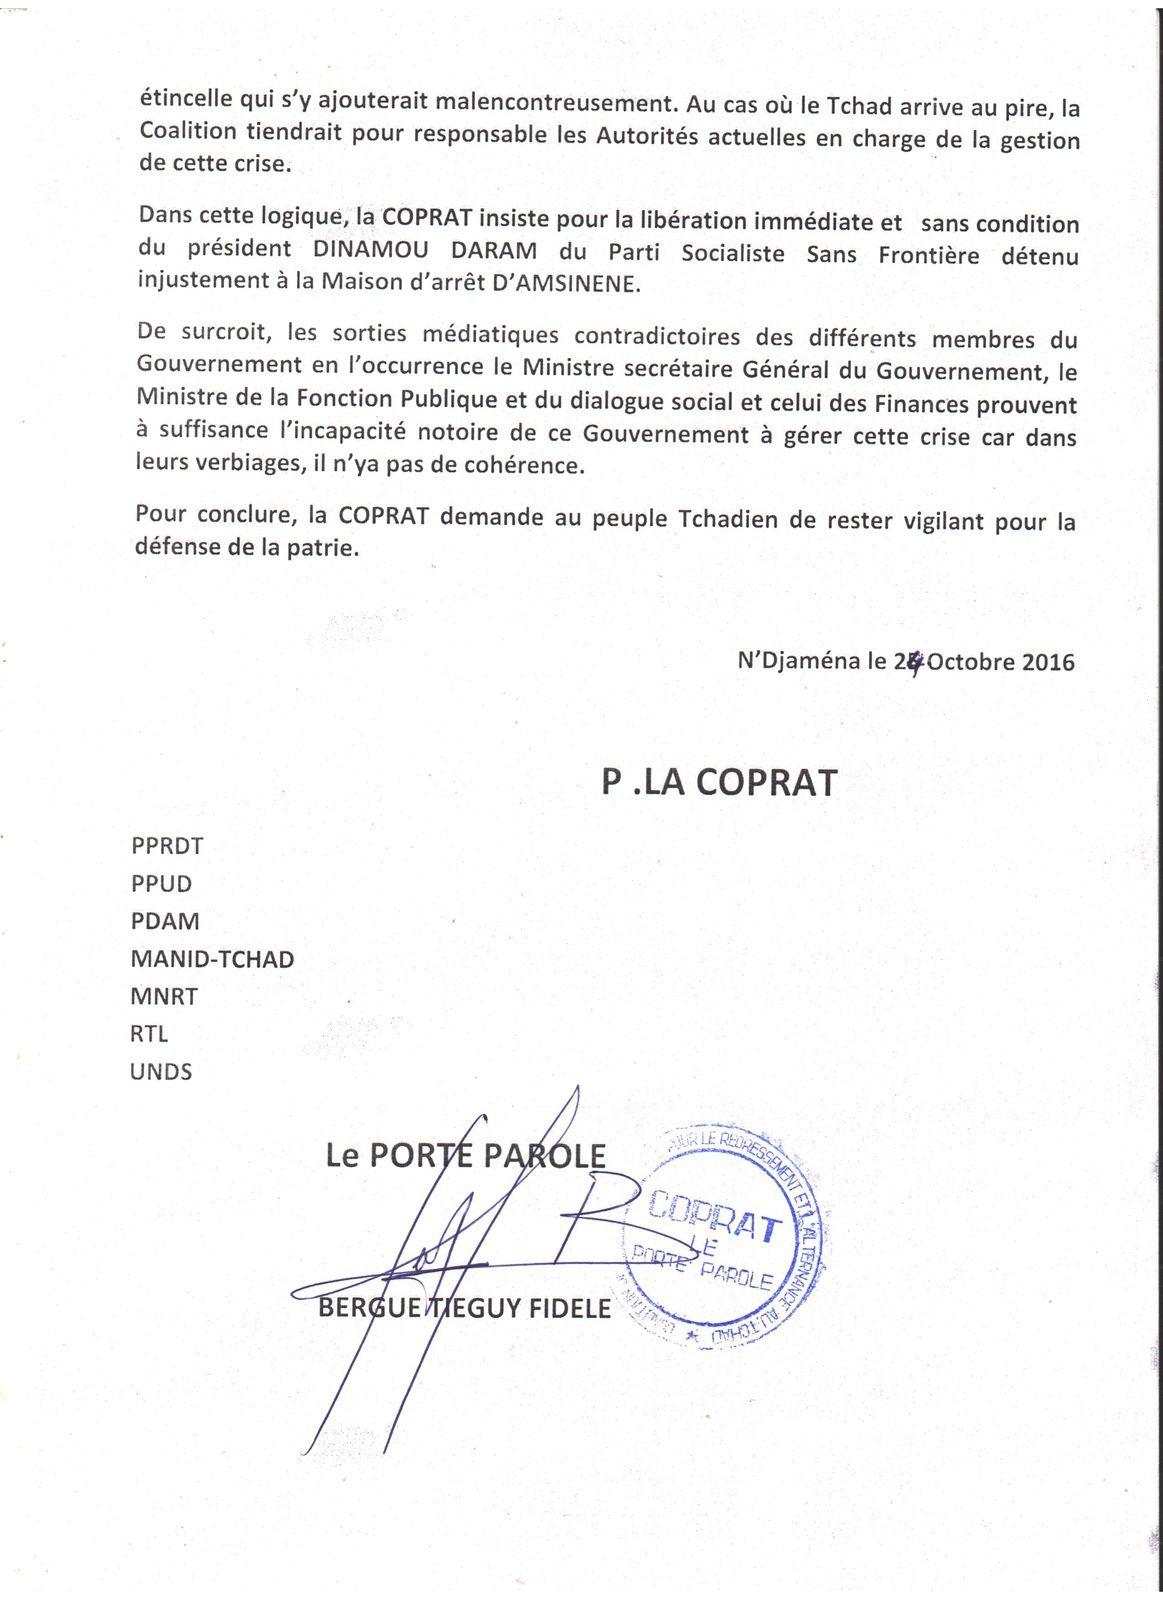 Crise sociale au  Tchad: la COPRAT met en garde le Gouvernement